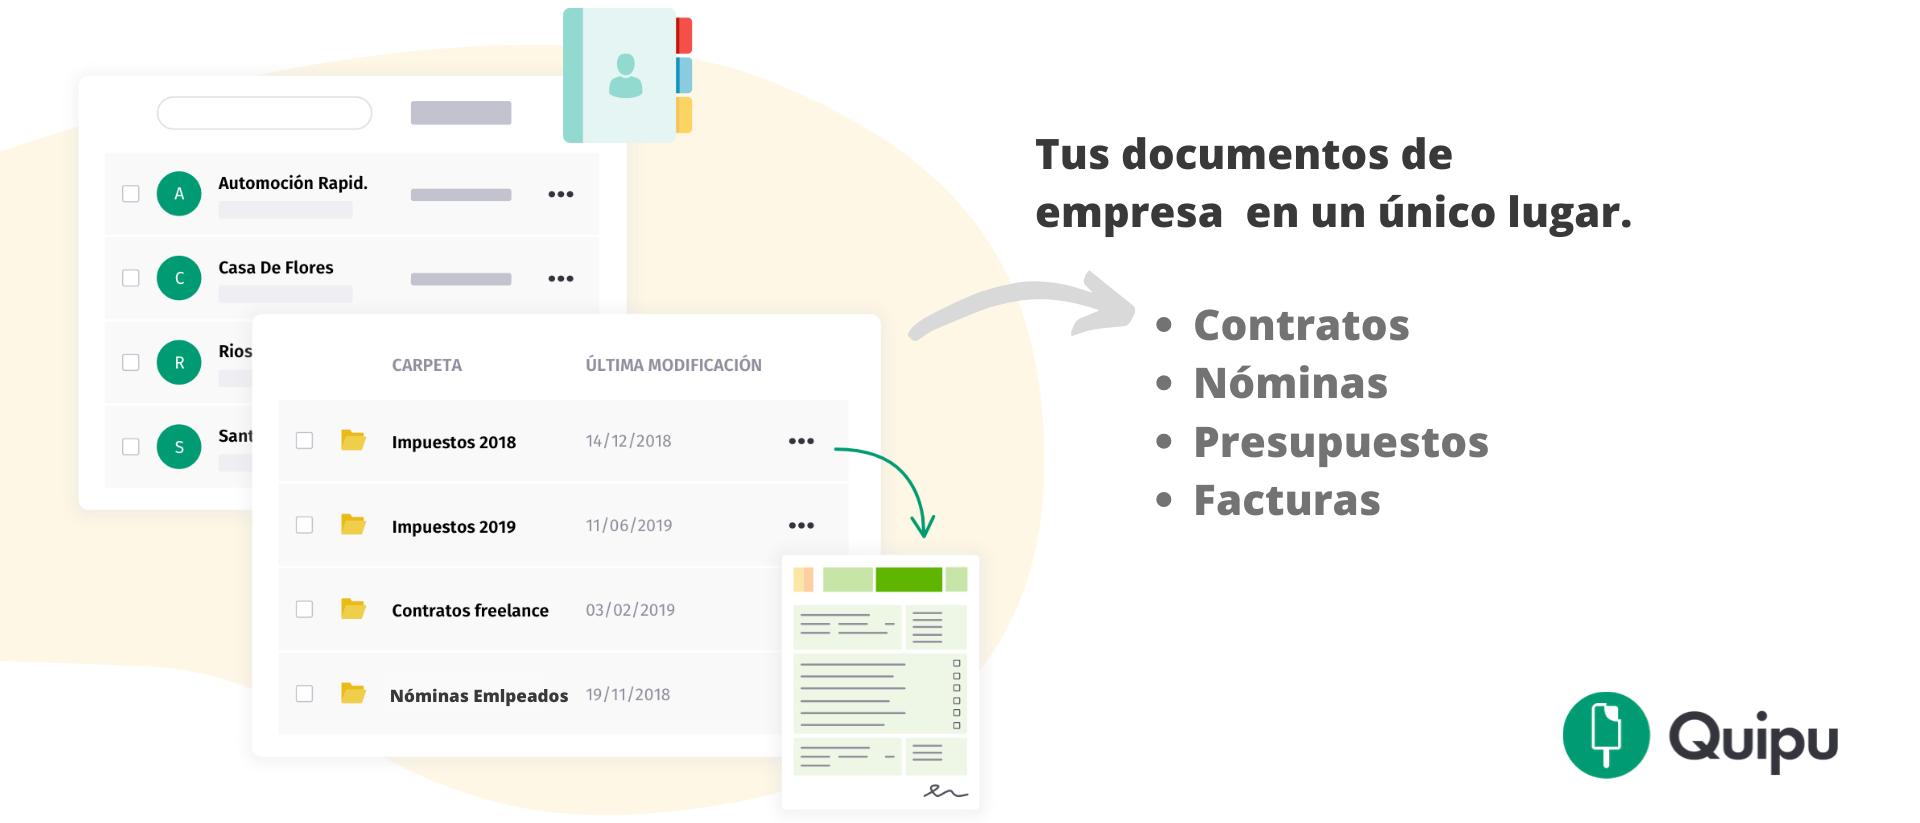 gestion-documental-empresa